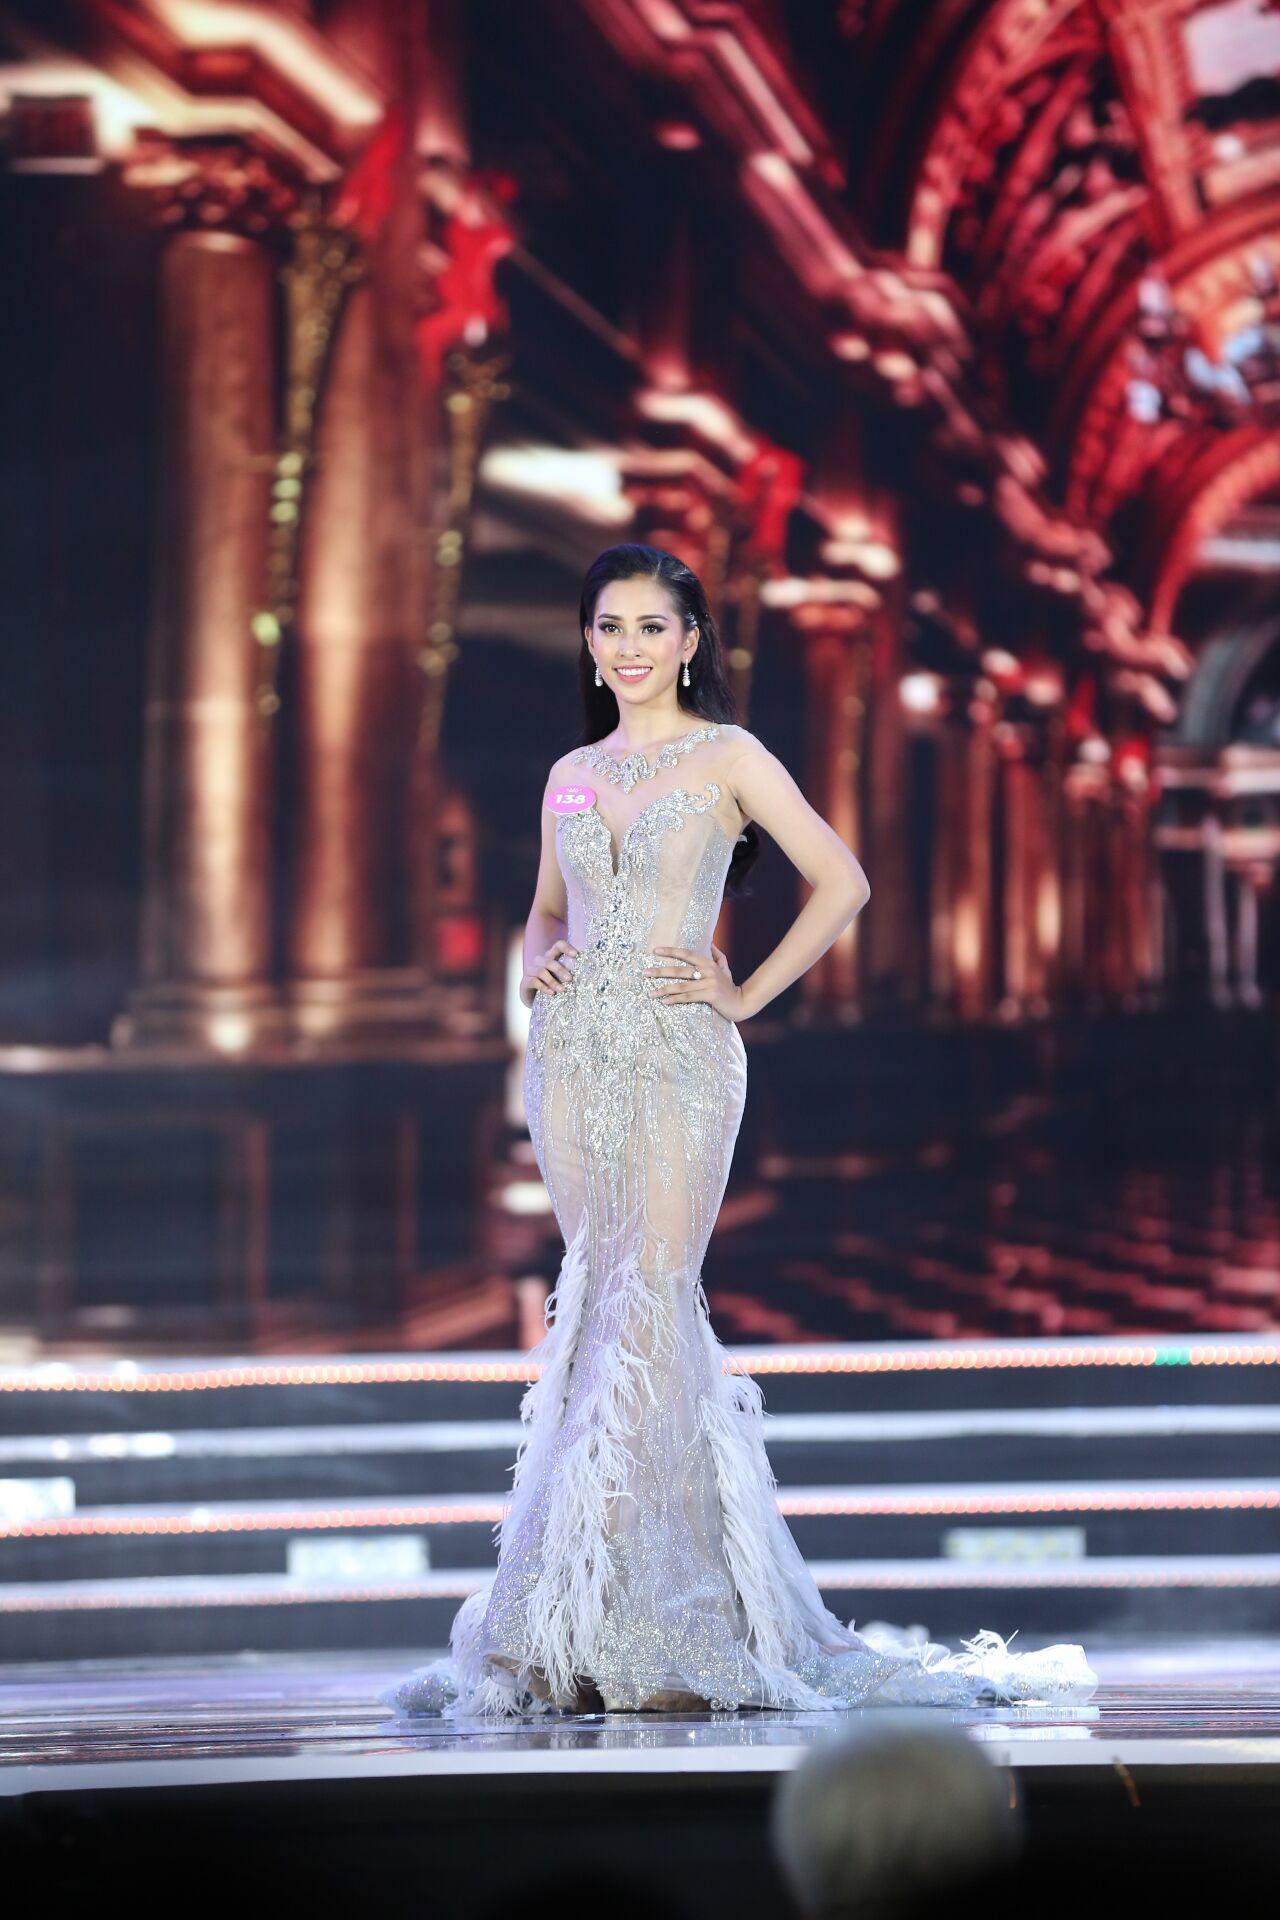 Hành trình nhan sắc của Trần Tiểu Vy toả sáng đến ngôi vị Hoa hậu Việt Nam 2018 - Ảnh 8.